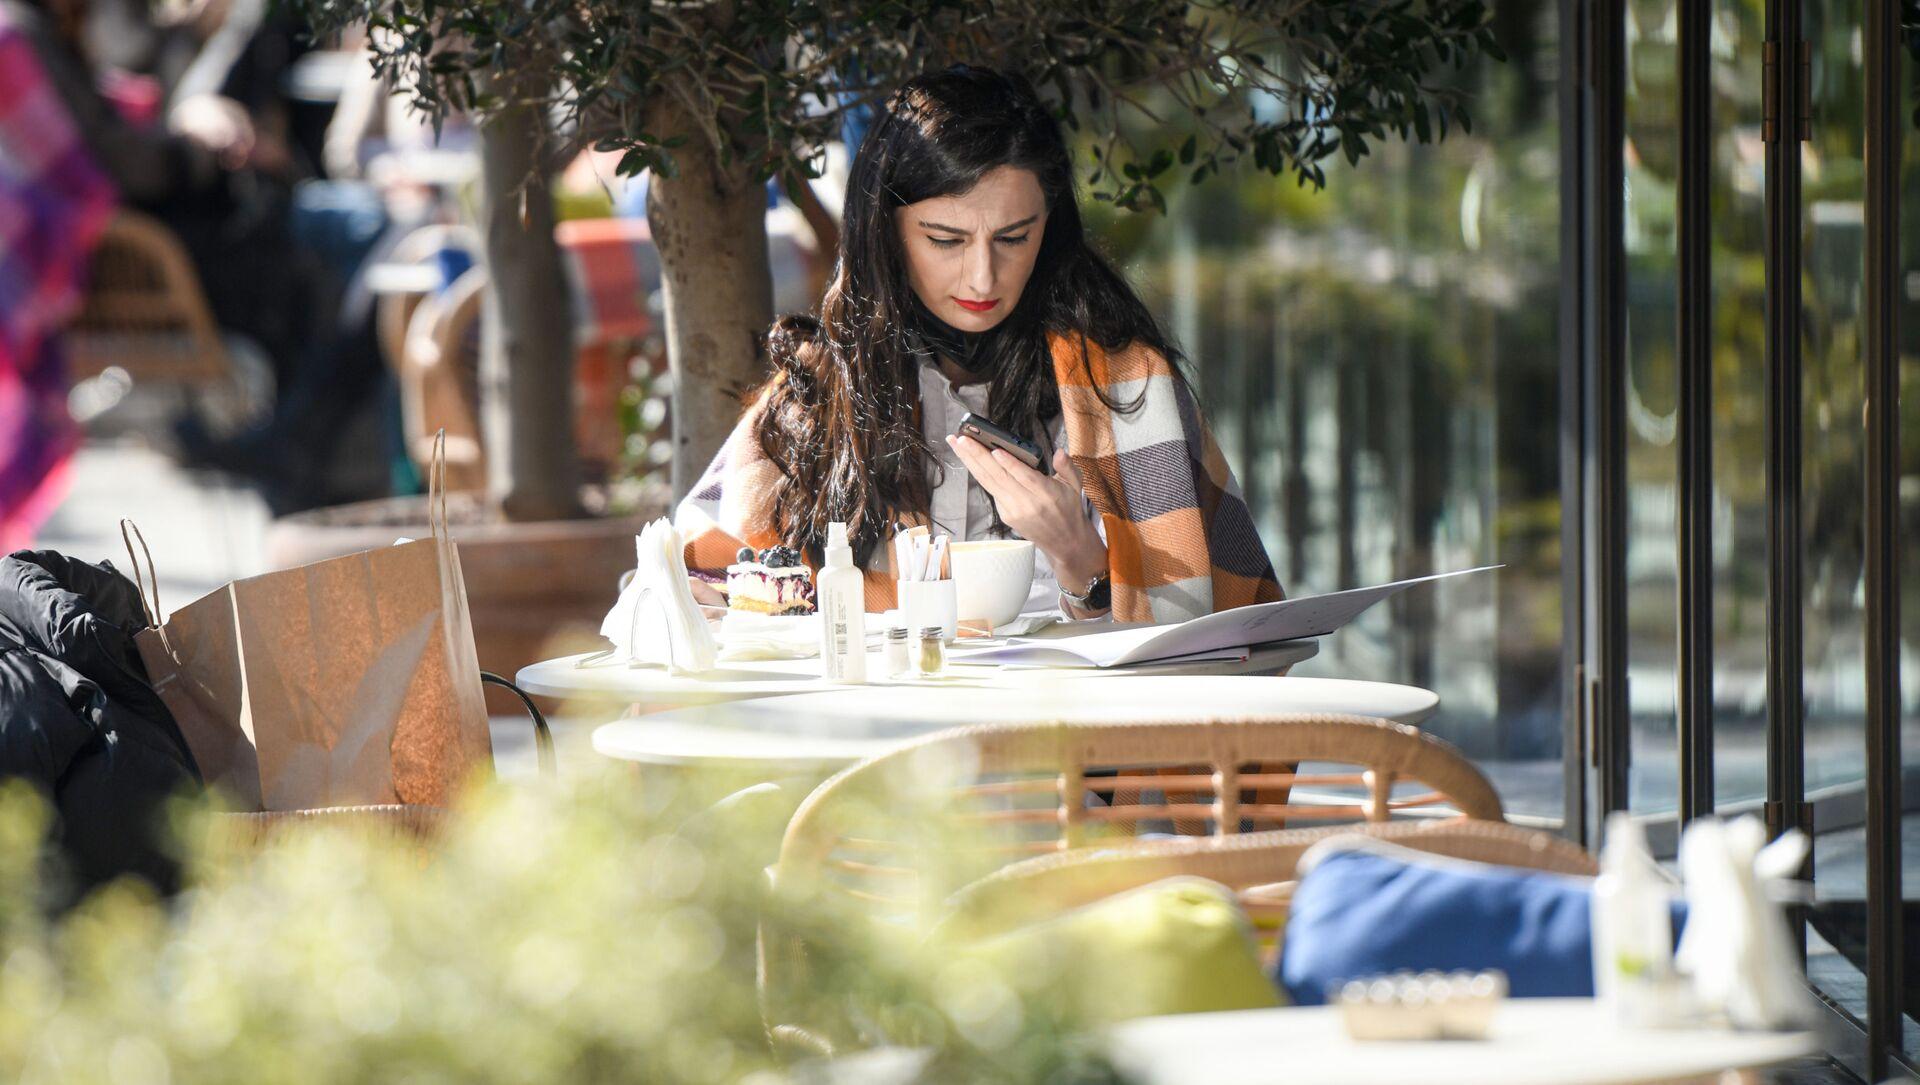 В Баку после смягчения карантинного режима возобновили работу рестораны и кафе, 1 февраля 2021 года - Sputnik Азербайджан, 1920, 06.09.2021